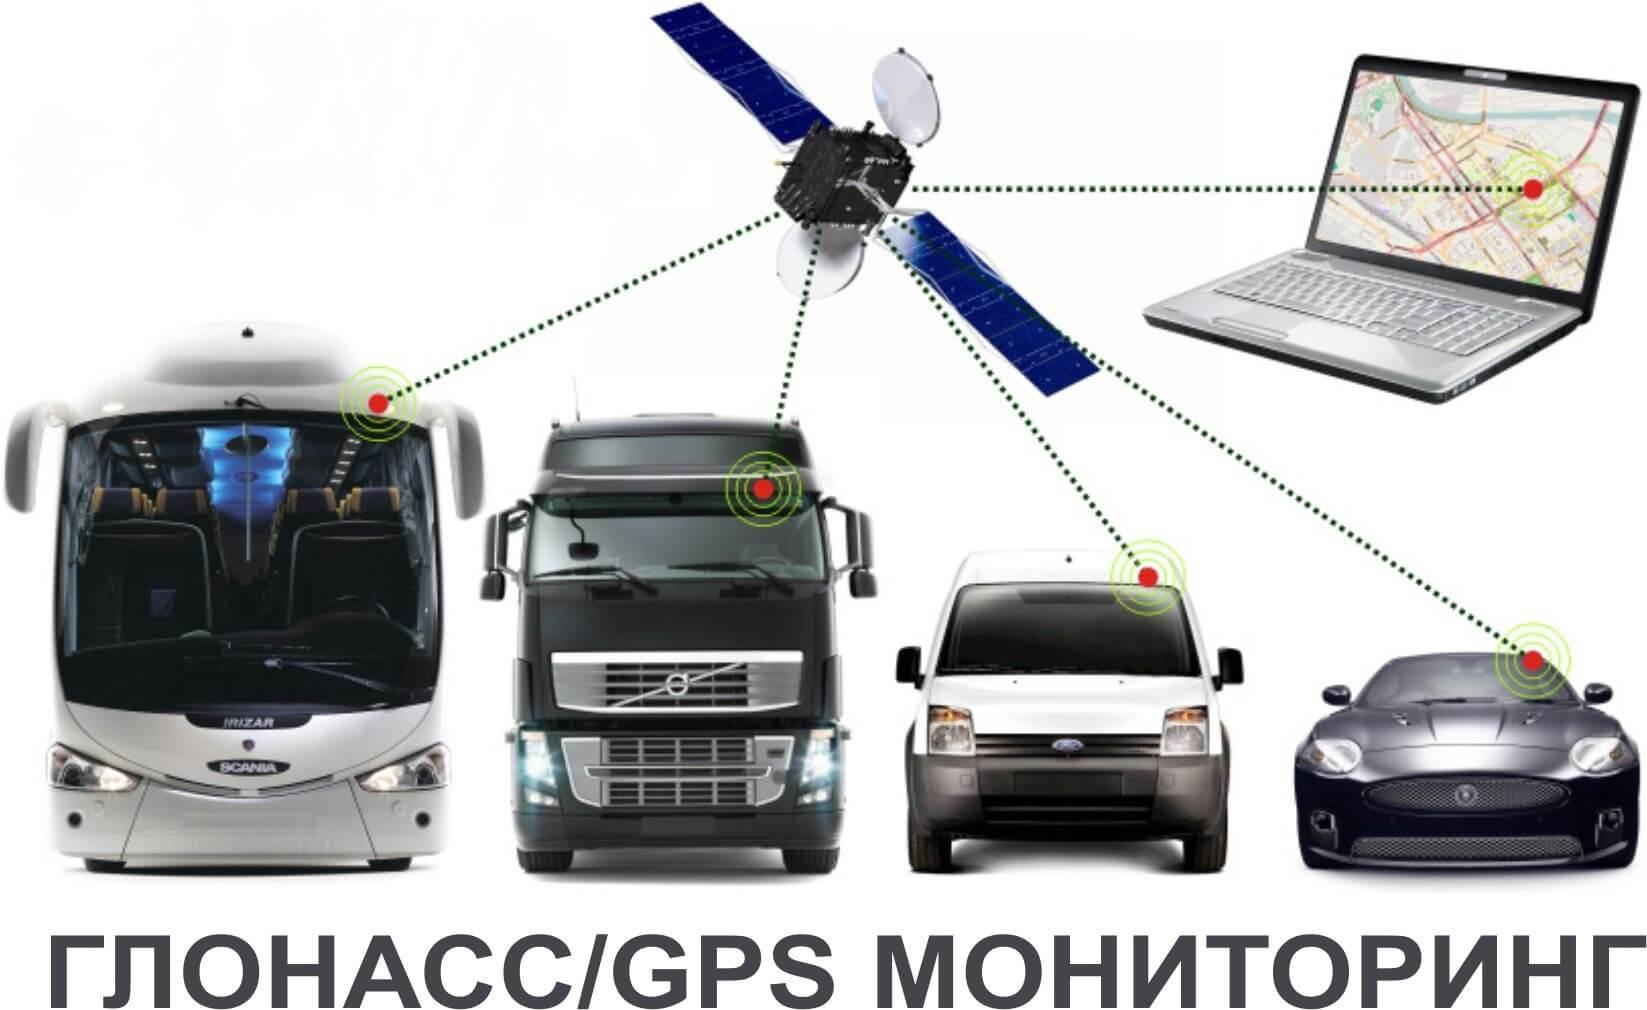 ГЛОНАСС мониторинг транспорта онлайн: особенности и возможности